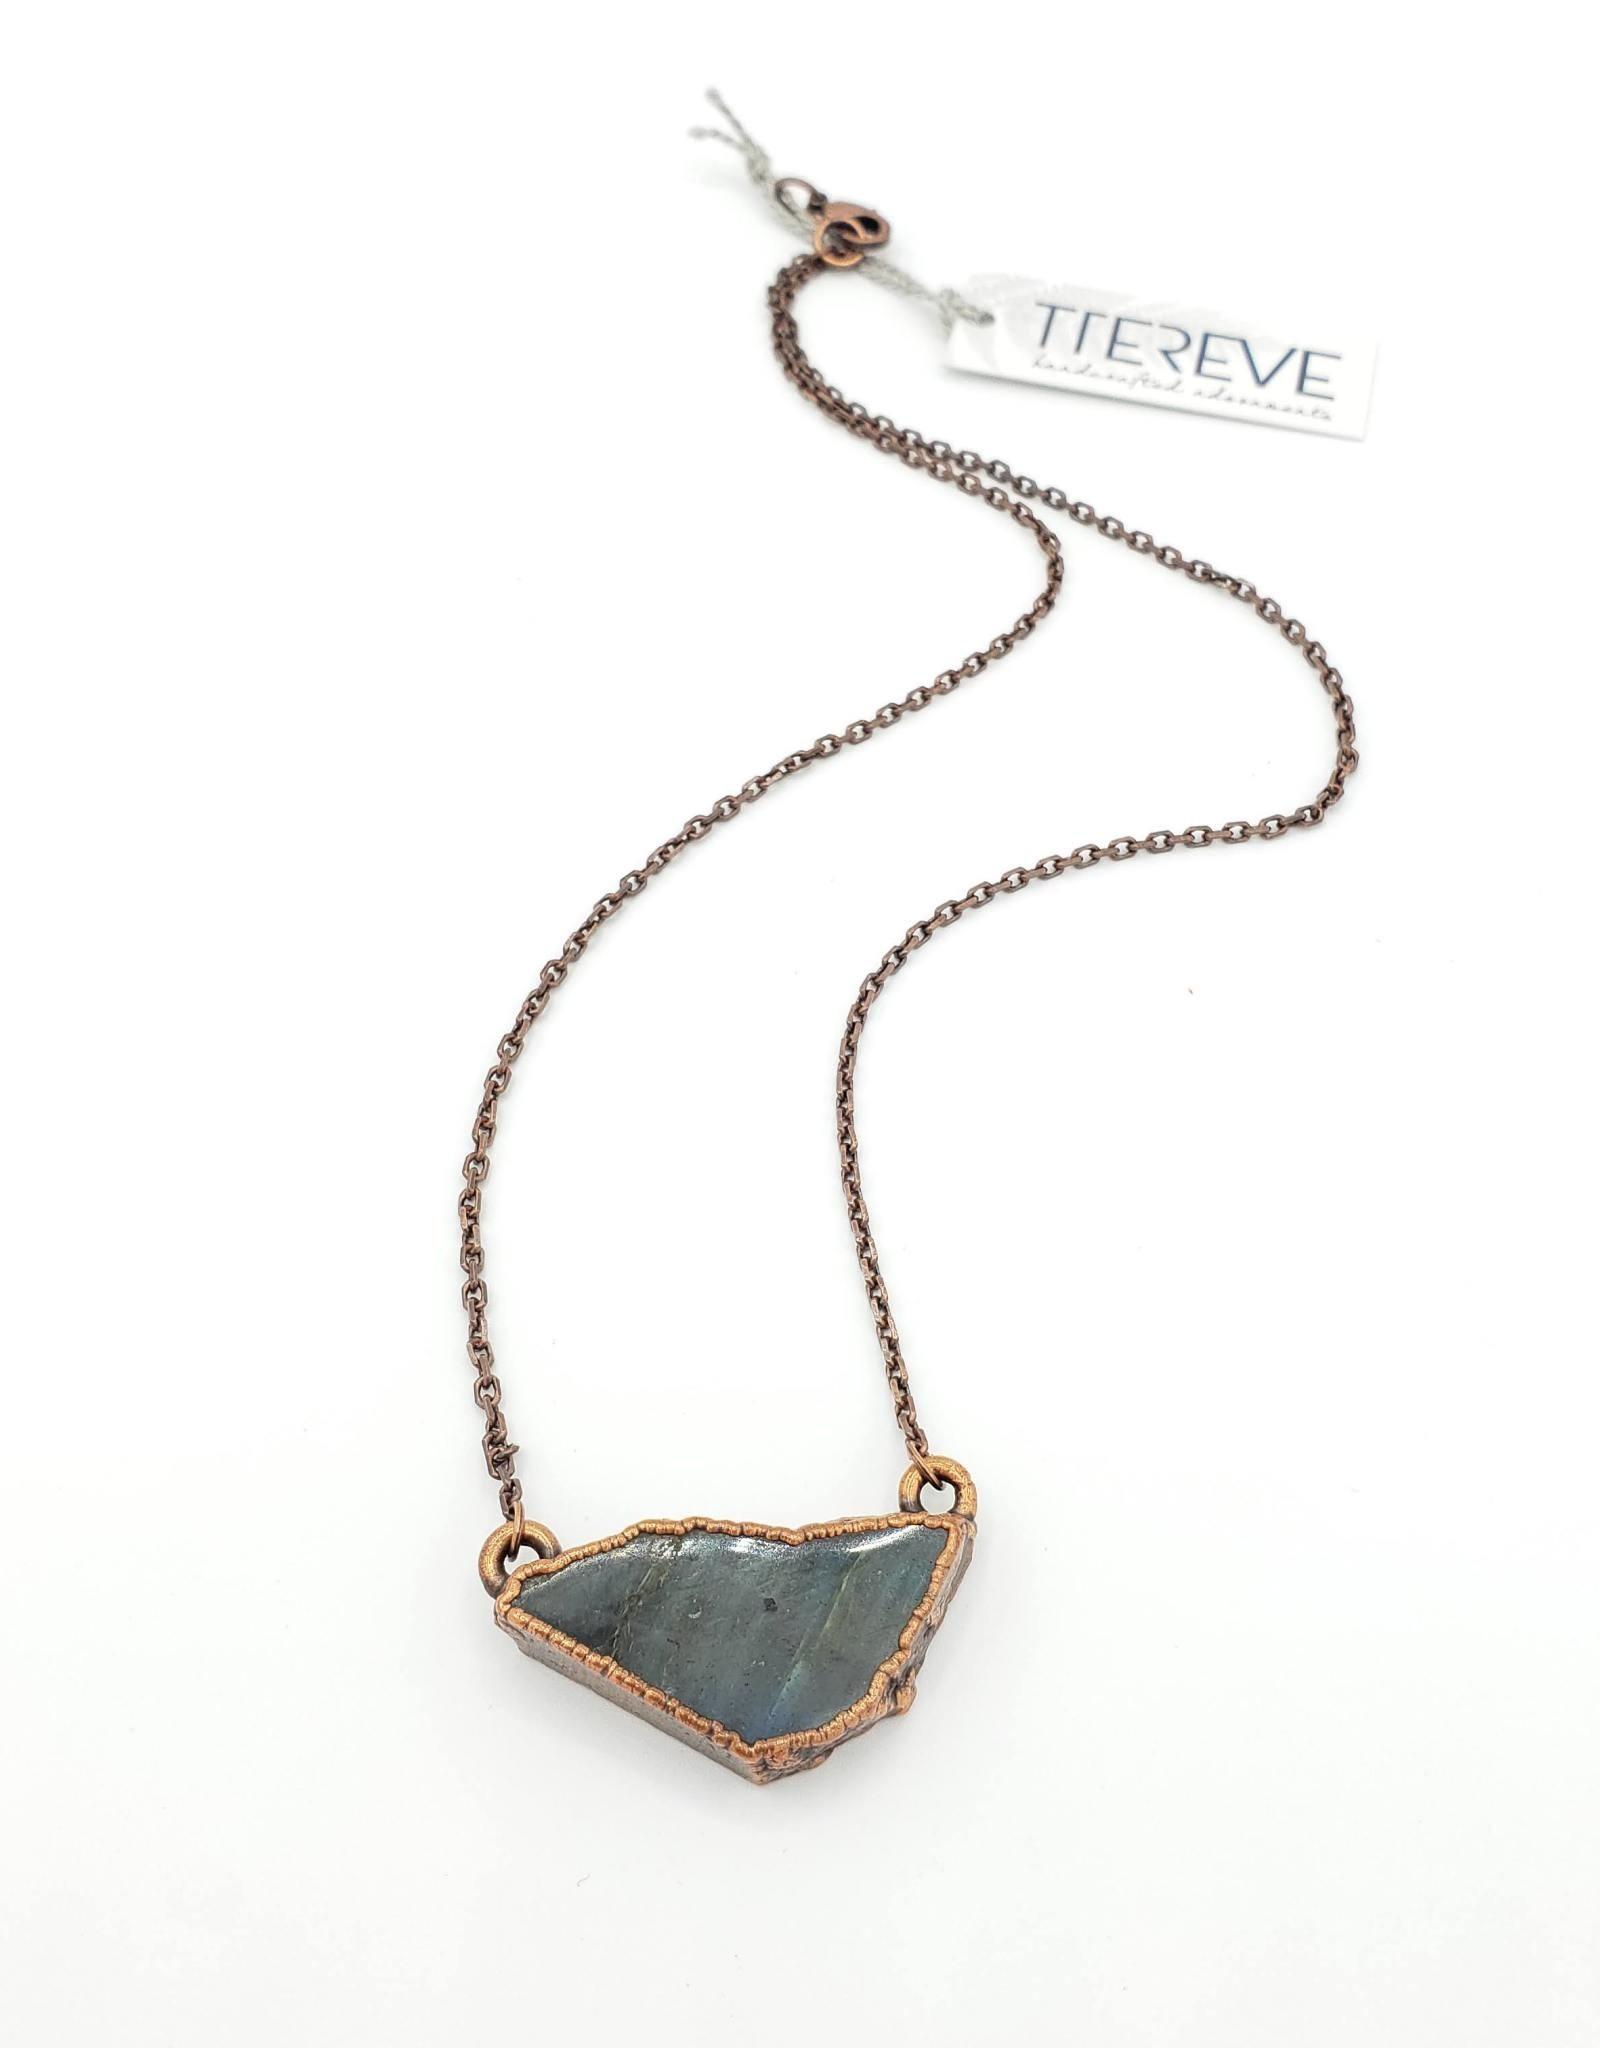 TTereve Flat Labradorite Slice Necklace Electroformed Copper